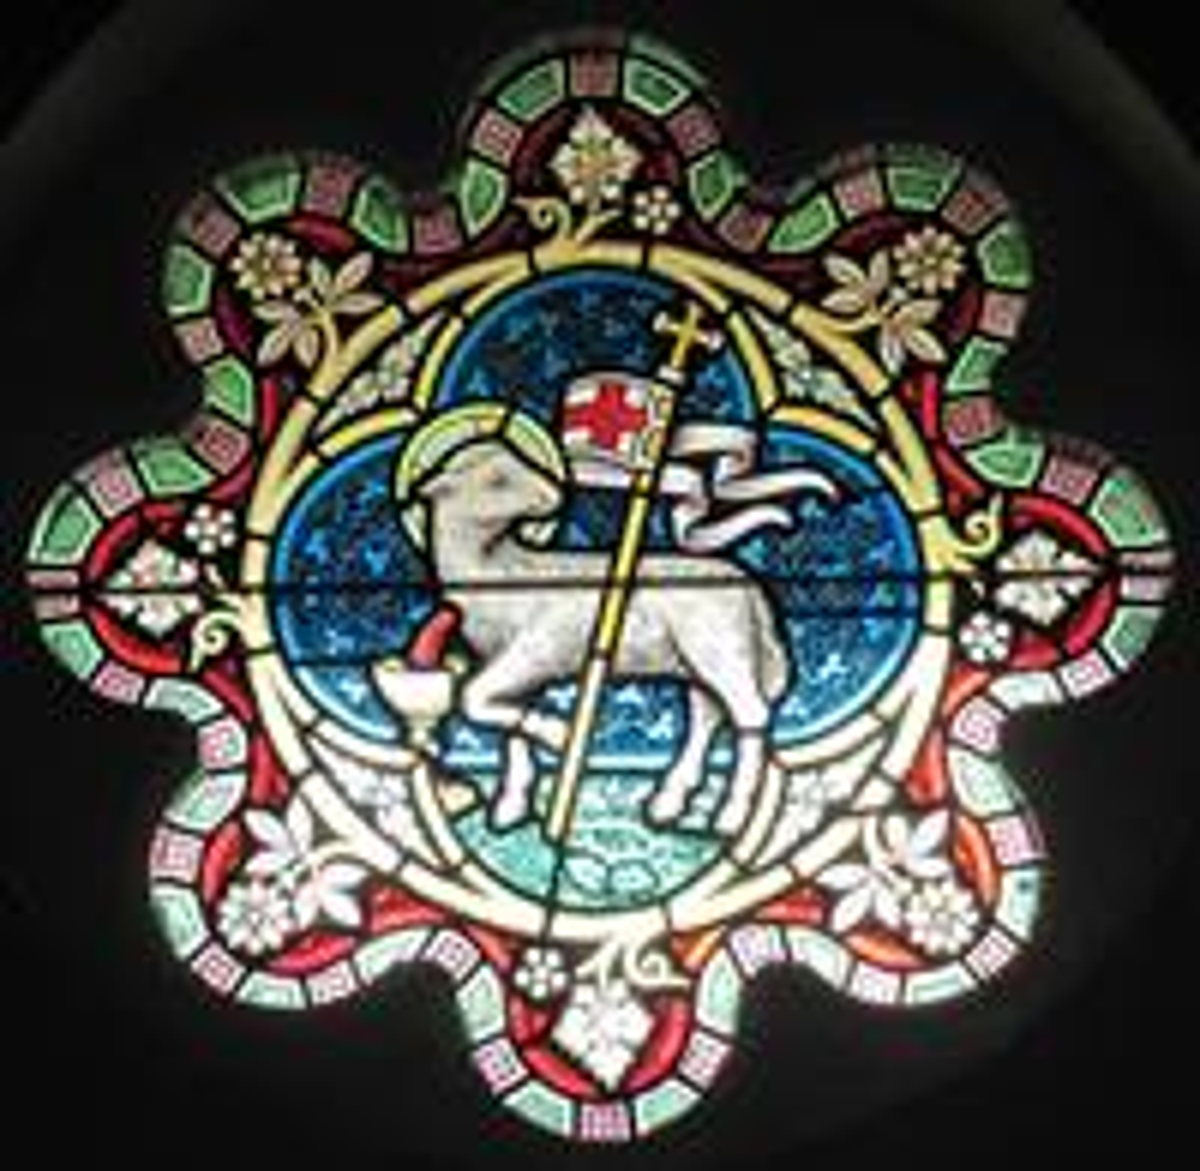 영국 하이랜즈 칼리지의 스테인드글라스. 출처, 위키피디아 커먼스. 사진, 맨 뷔.